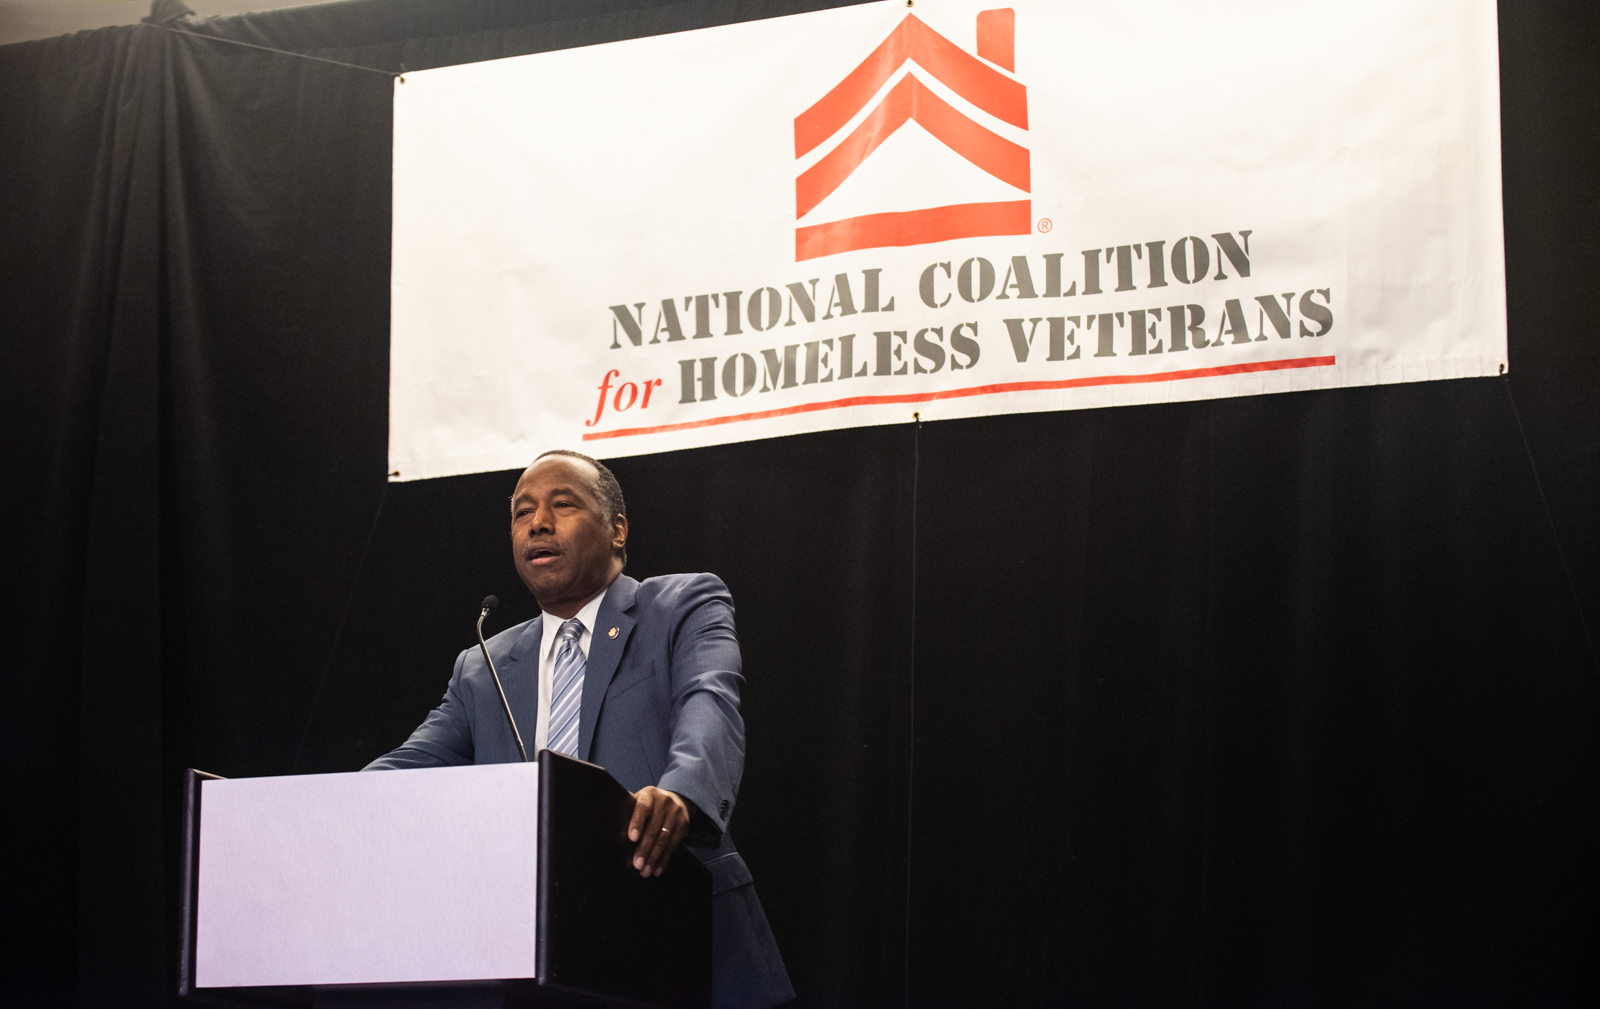 Photo of Secretary Carson speaking ot the National Coalition of Homeless Veterans.